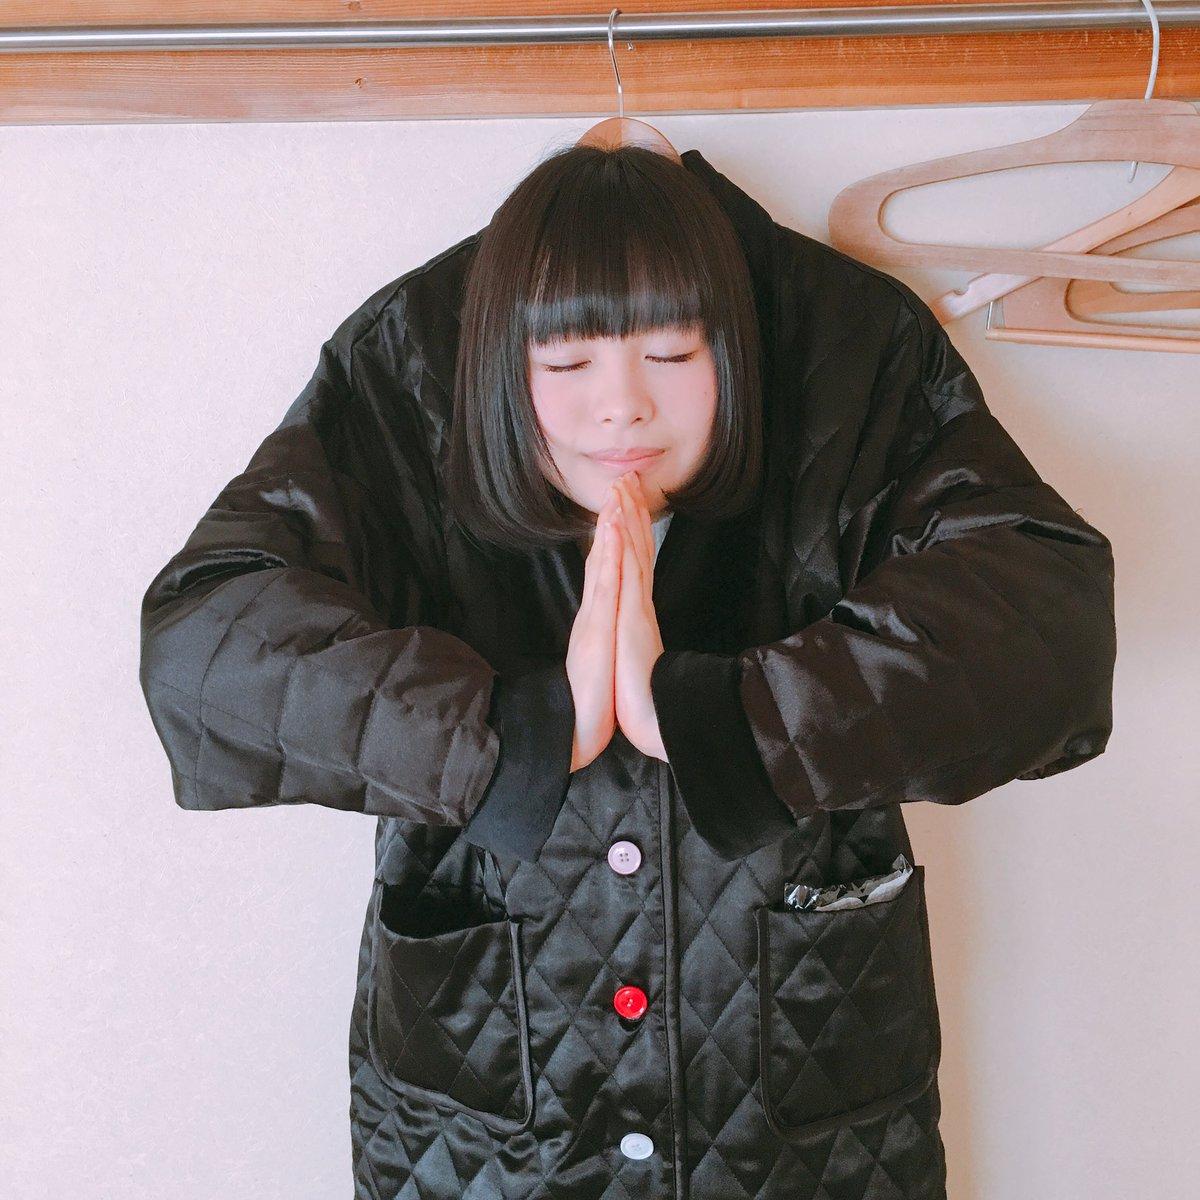 【年忘れ】おまえらの推しの今年一番のエロ画像を貼ってくれ2017【シコシコ】 ->画像>244枚